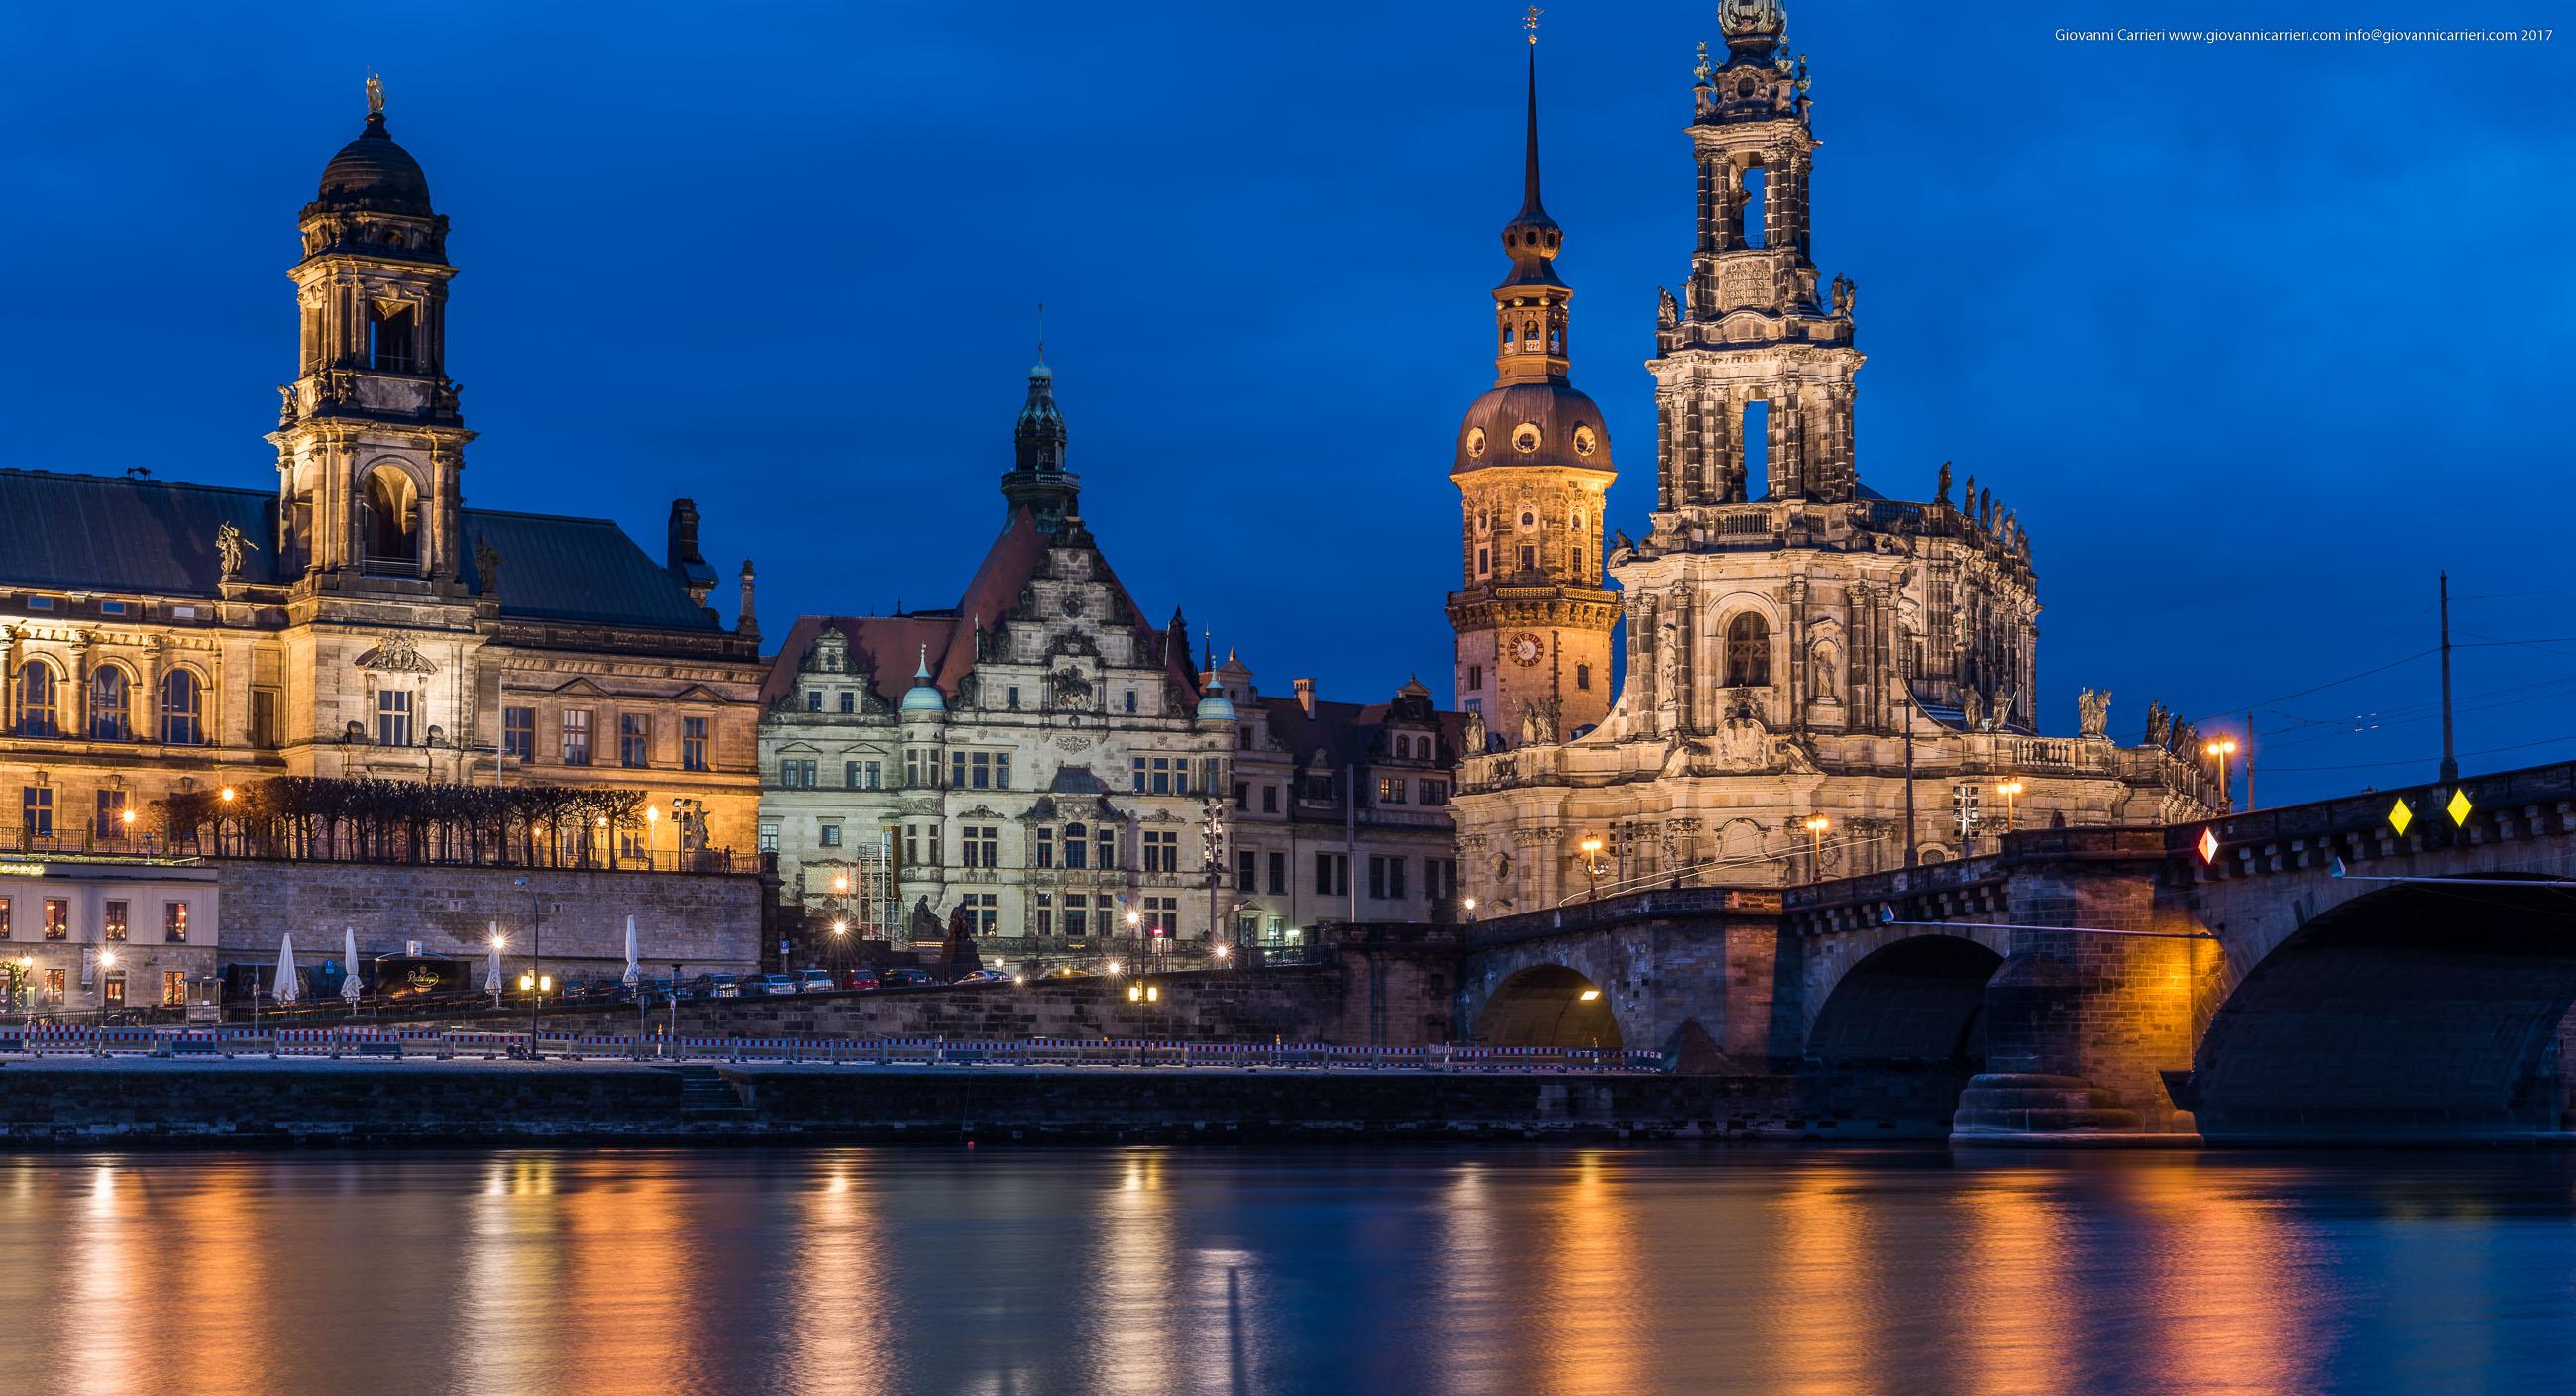 La vista iconica di Dresda